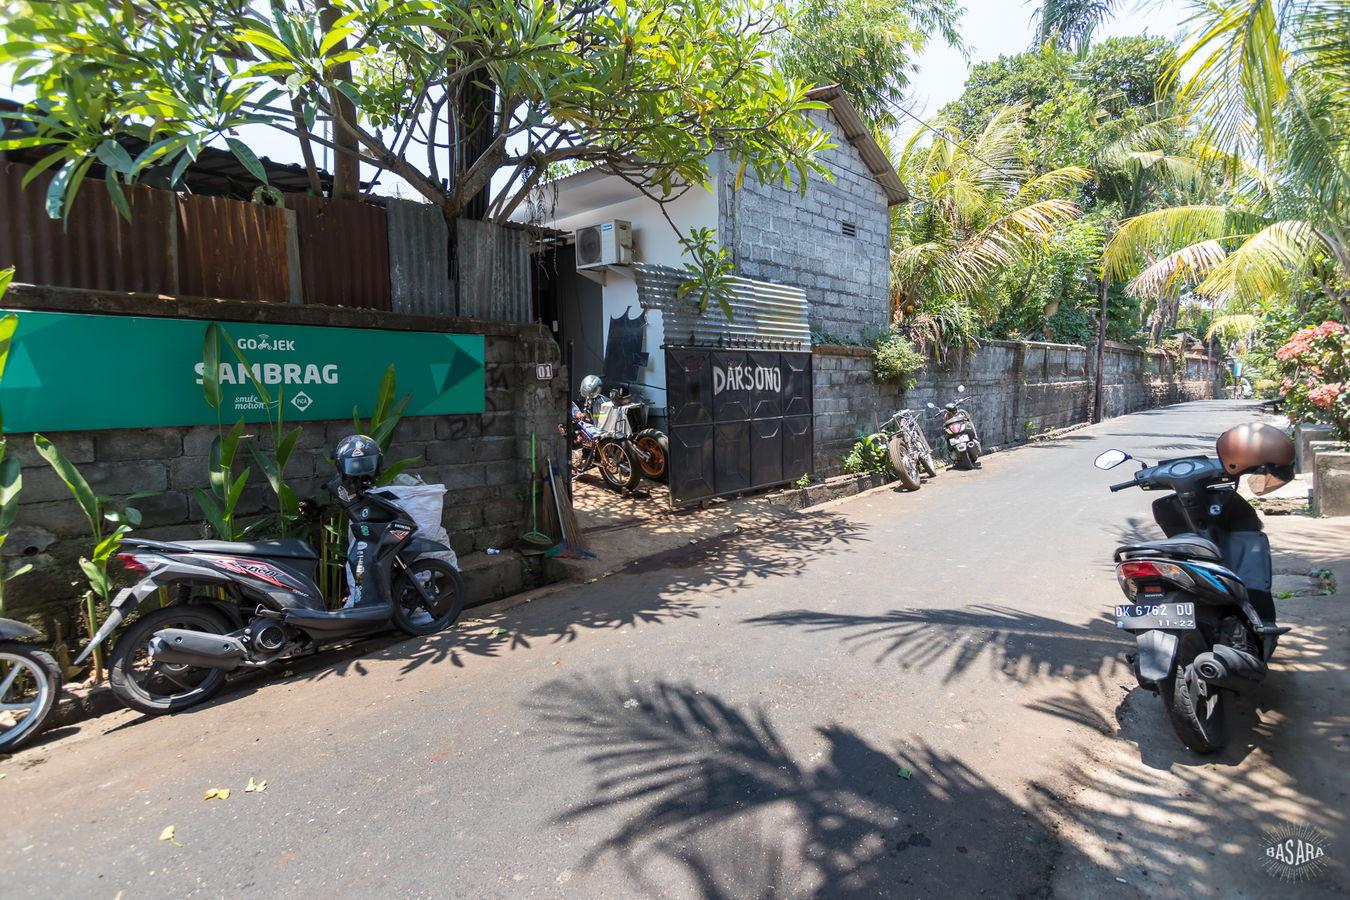 Zambrag Garage – Bali